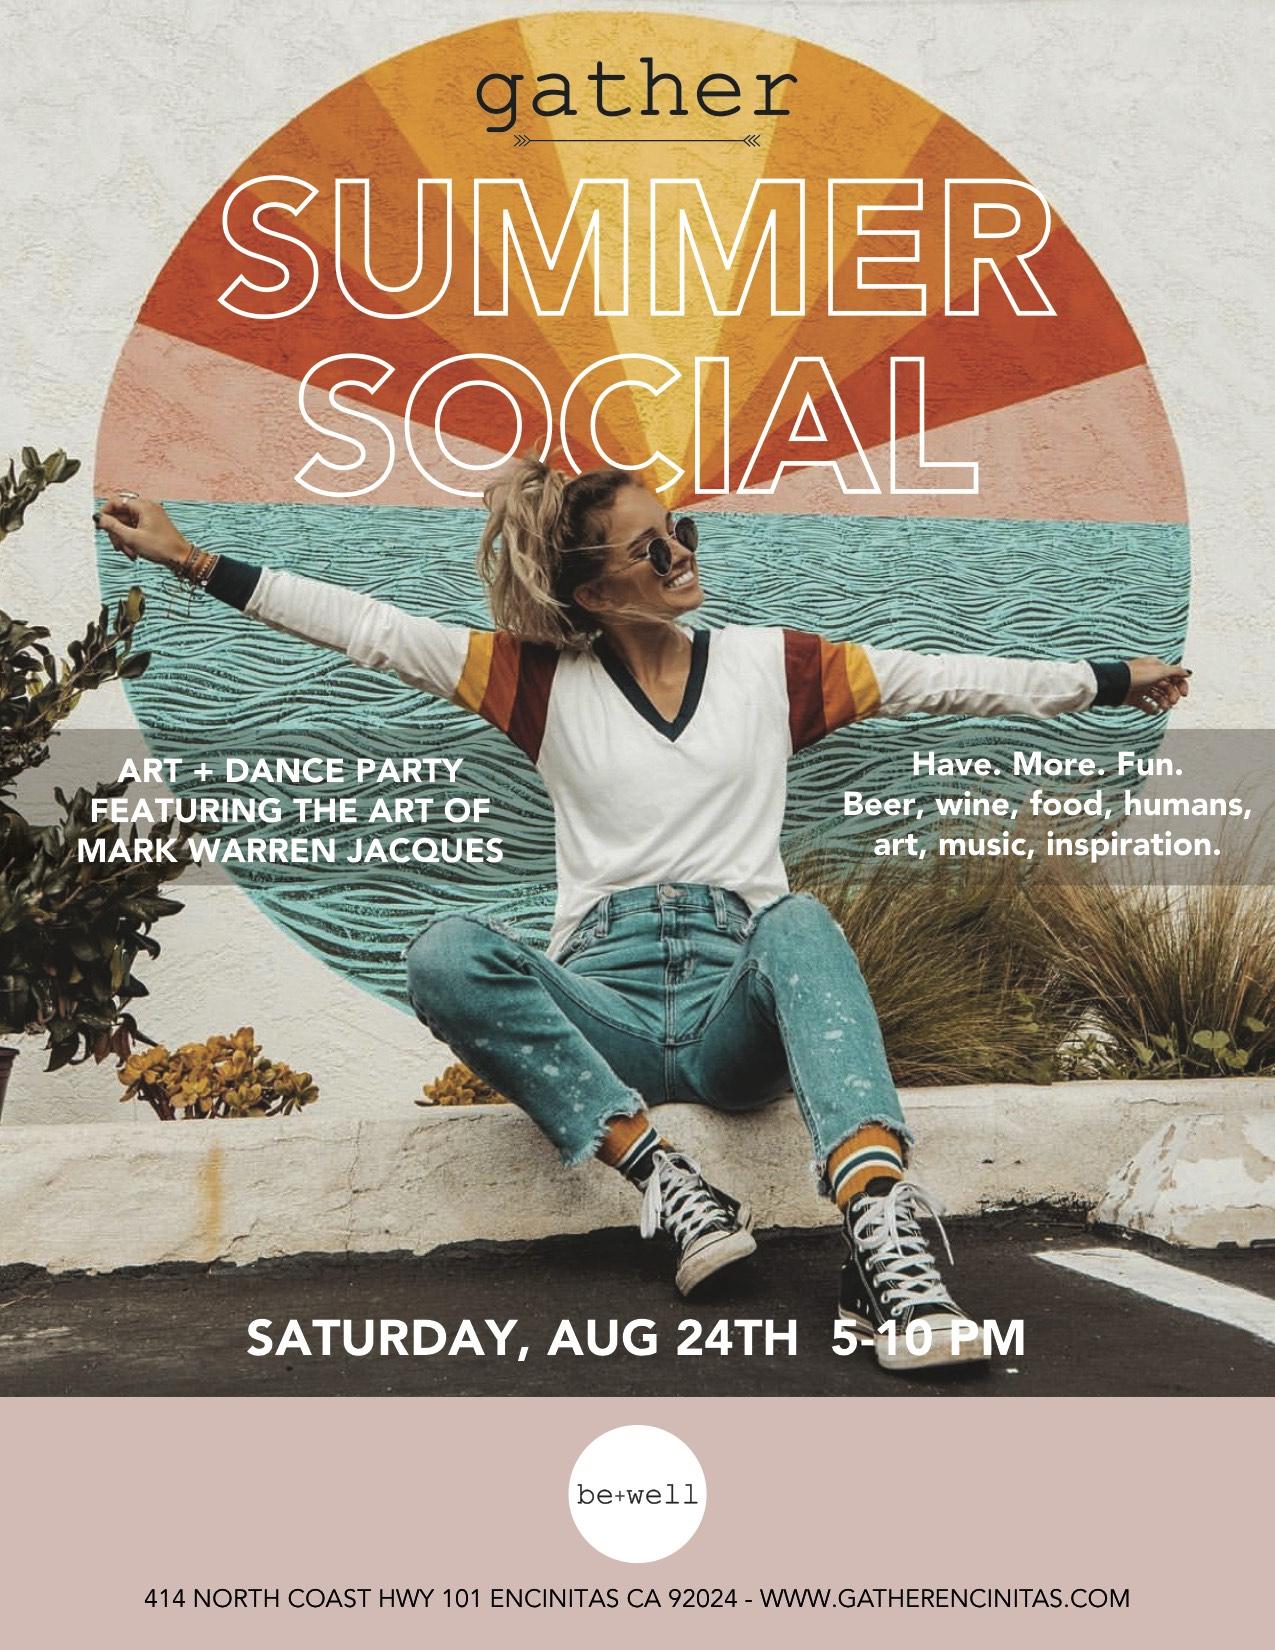 2019 SUMMER SOCIAL FLYER 2.jpg